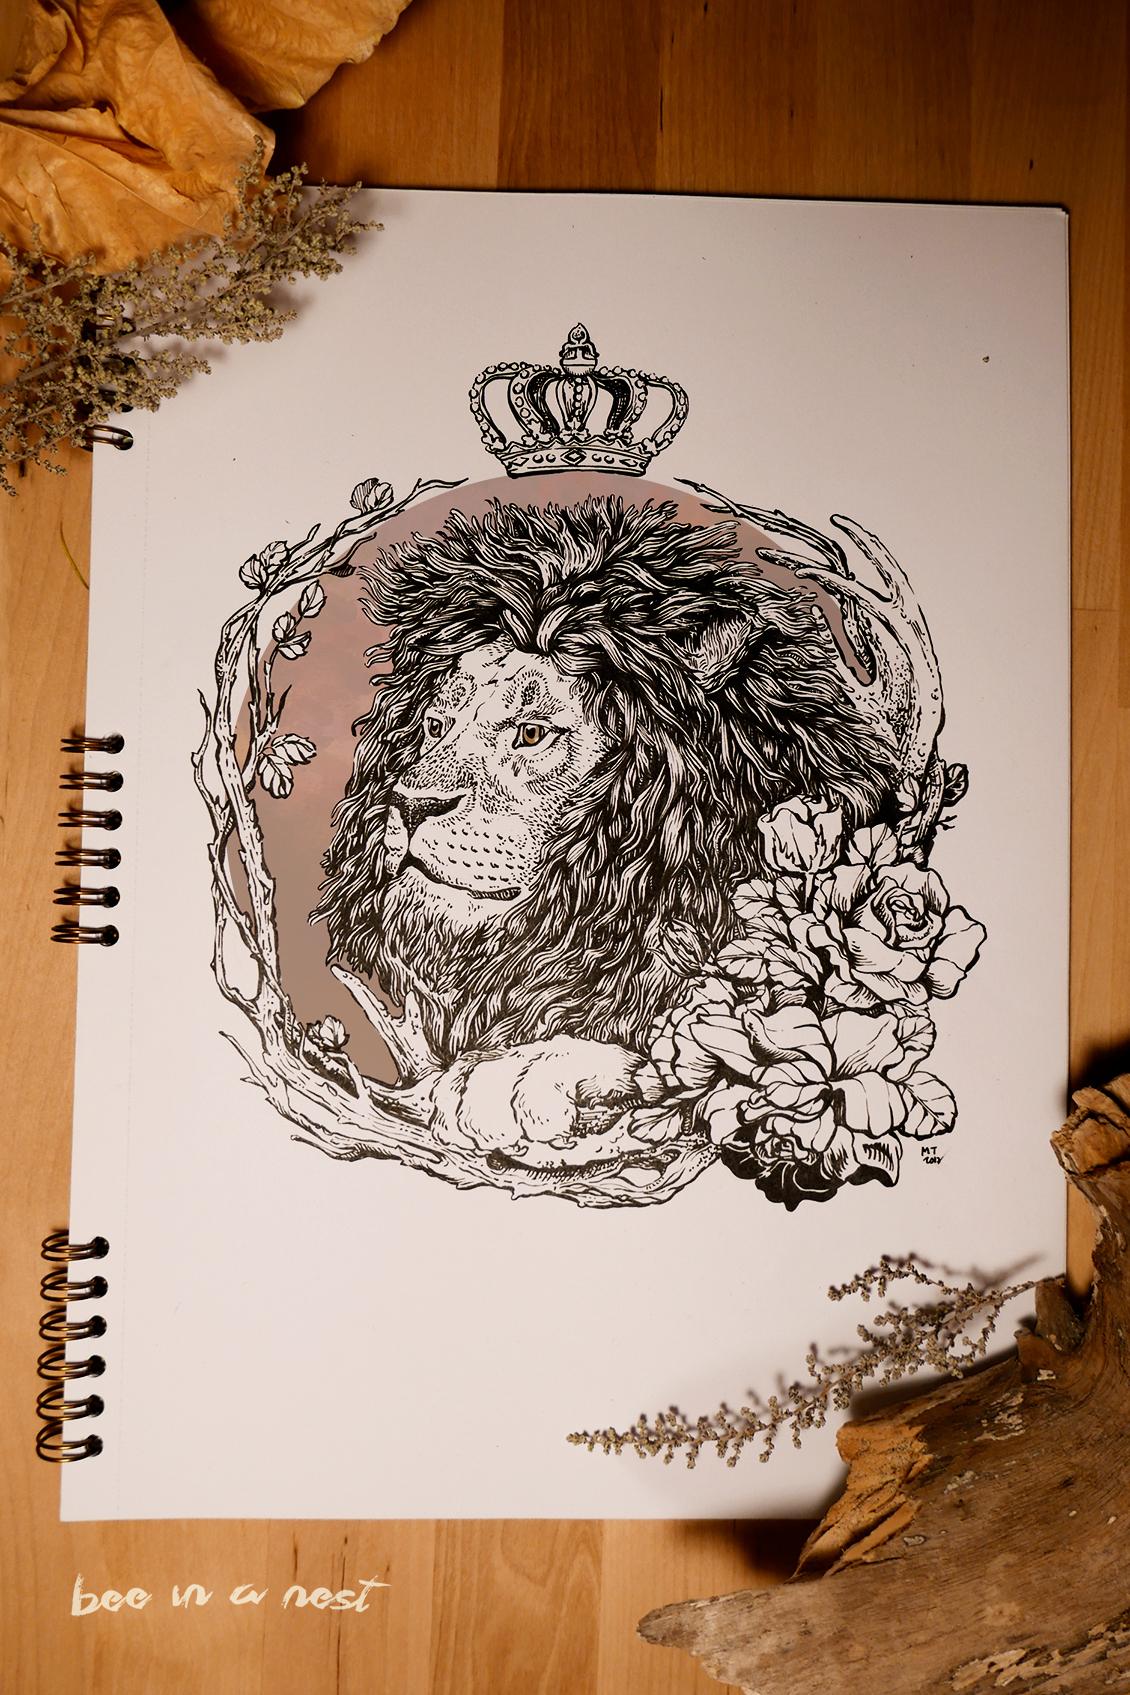 lion_michela-tannoia_2.jpg